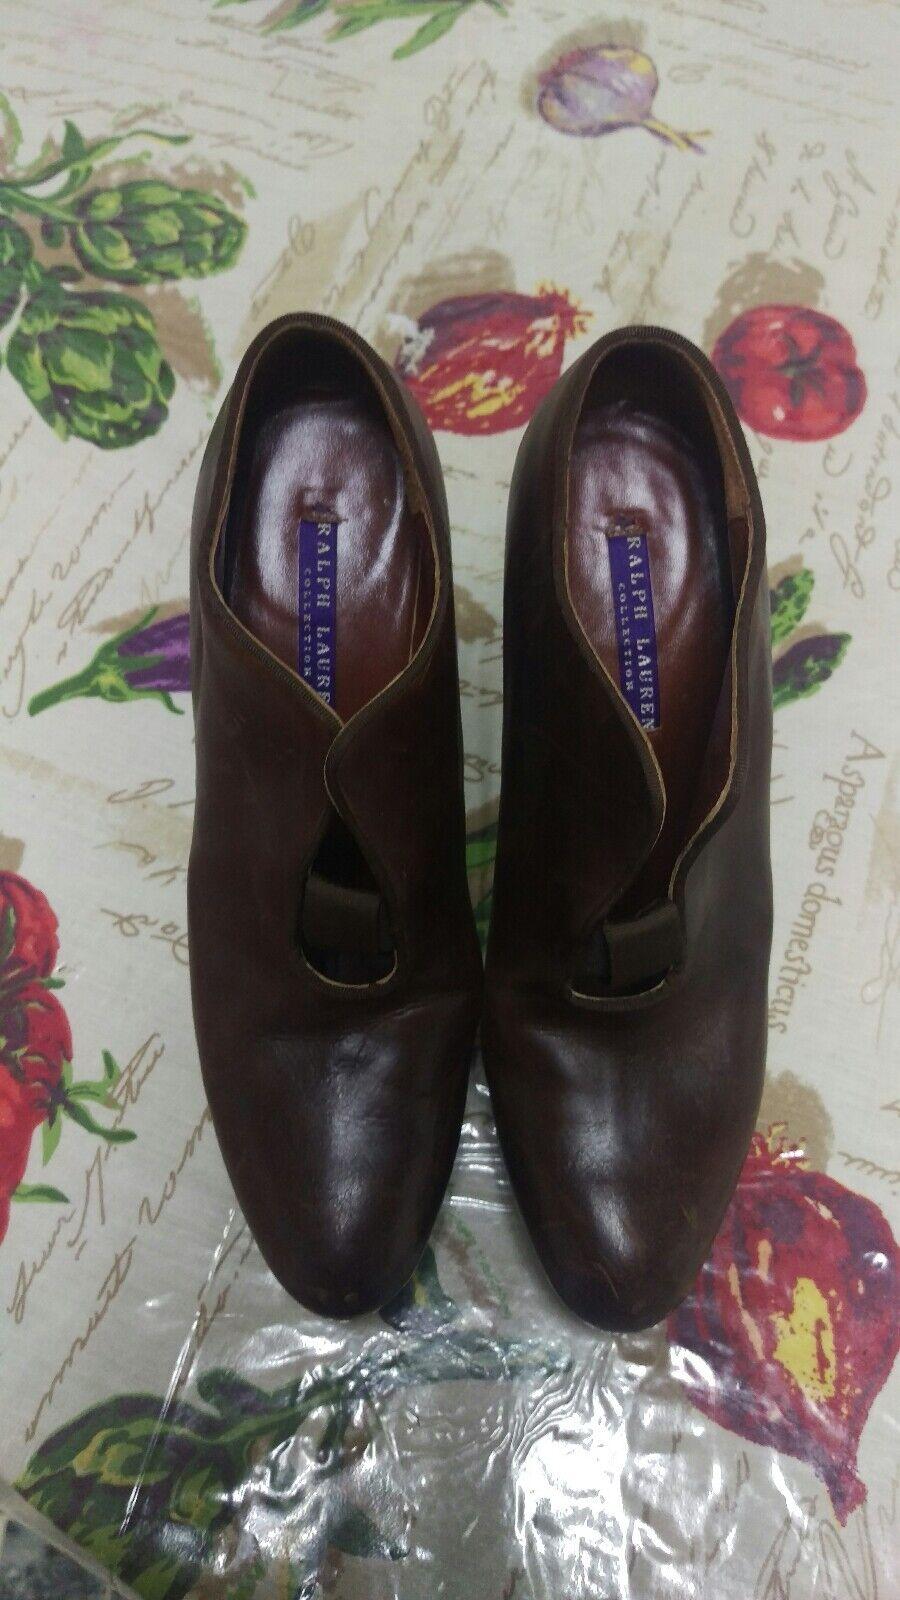 Ralph Lauren Collection Marroneee Oxford Heels Ankle avvioie  7.5 B